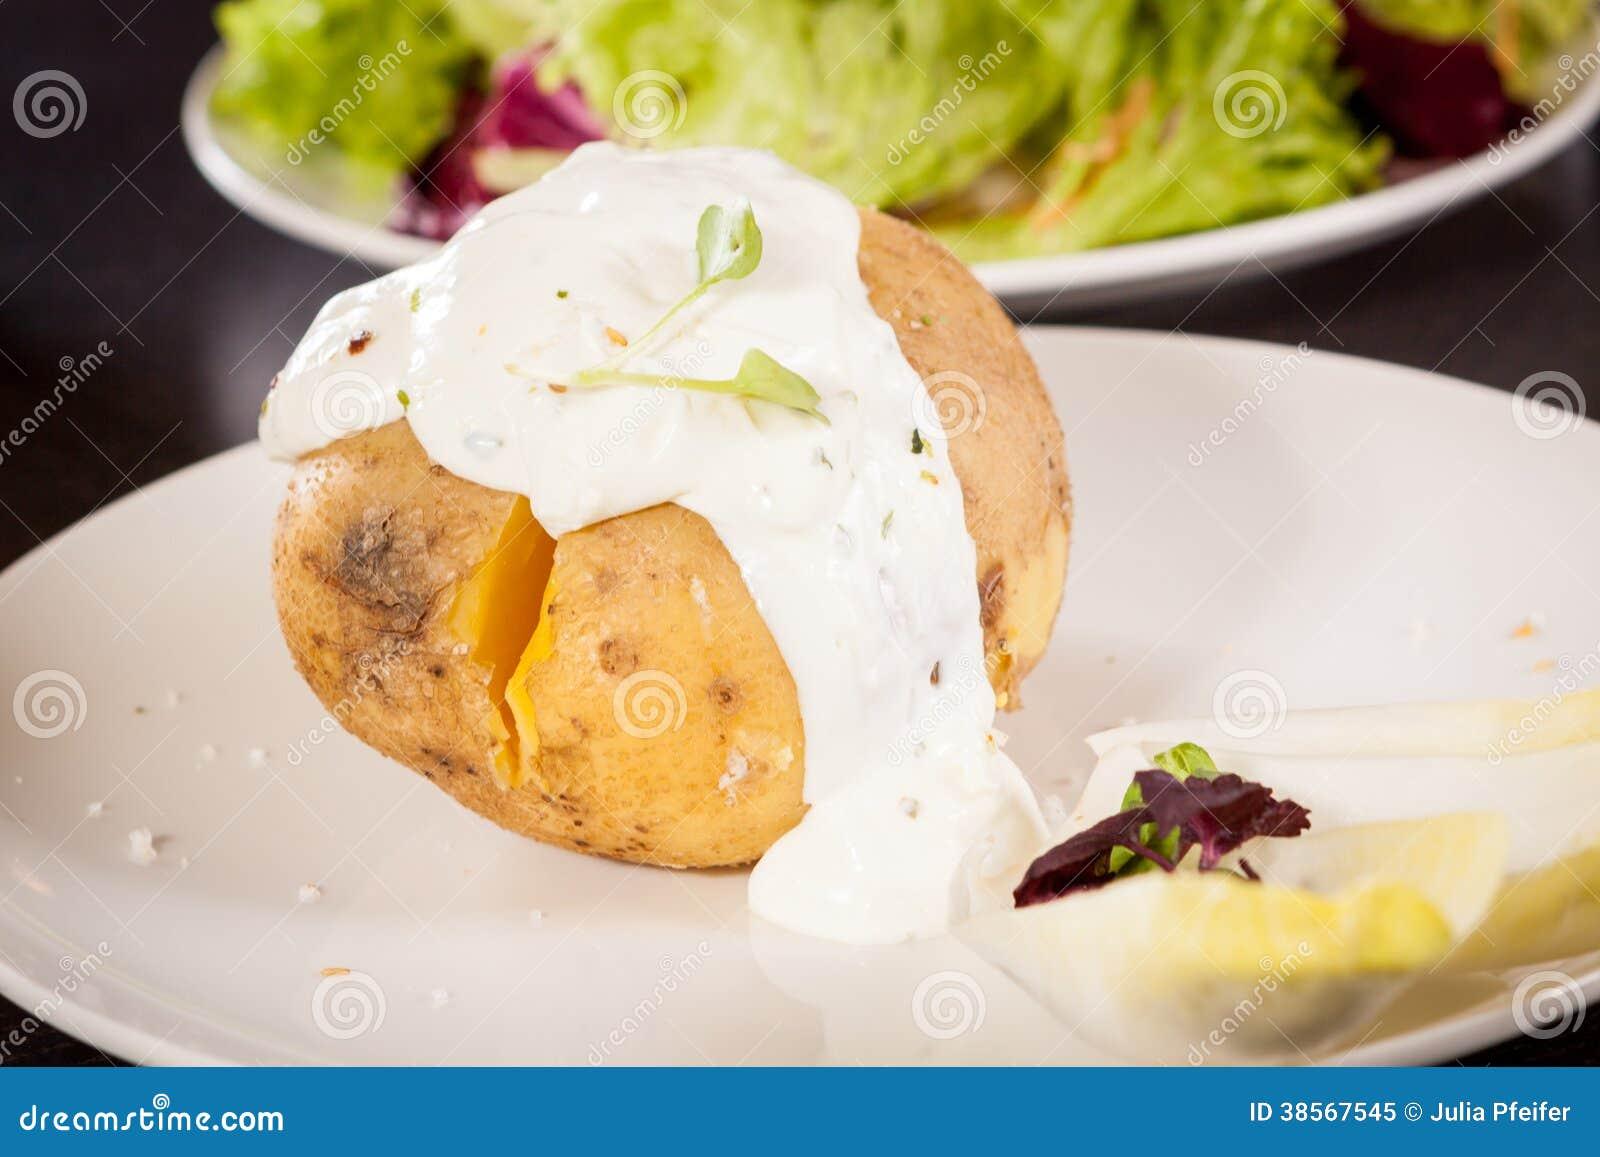 Pomme de terre en robe de chambre cuite au four avec de la - Recette pomme de terre en robe de chambre ...